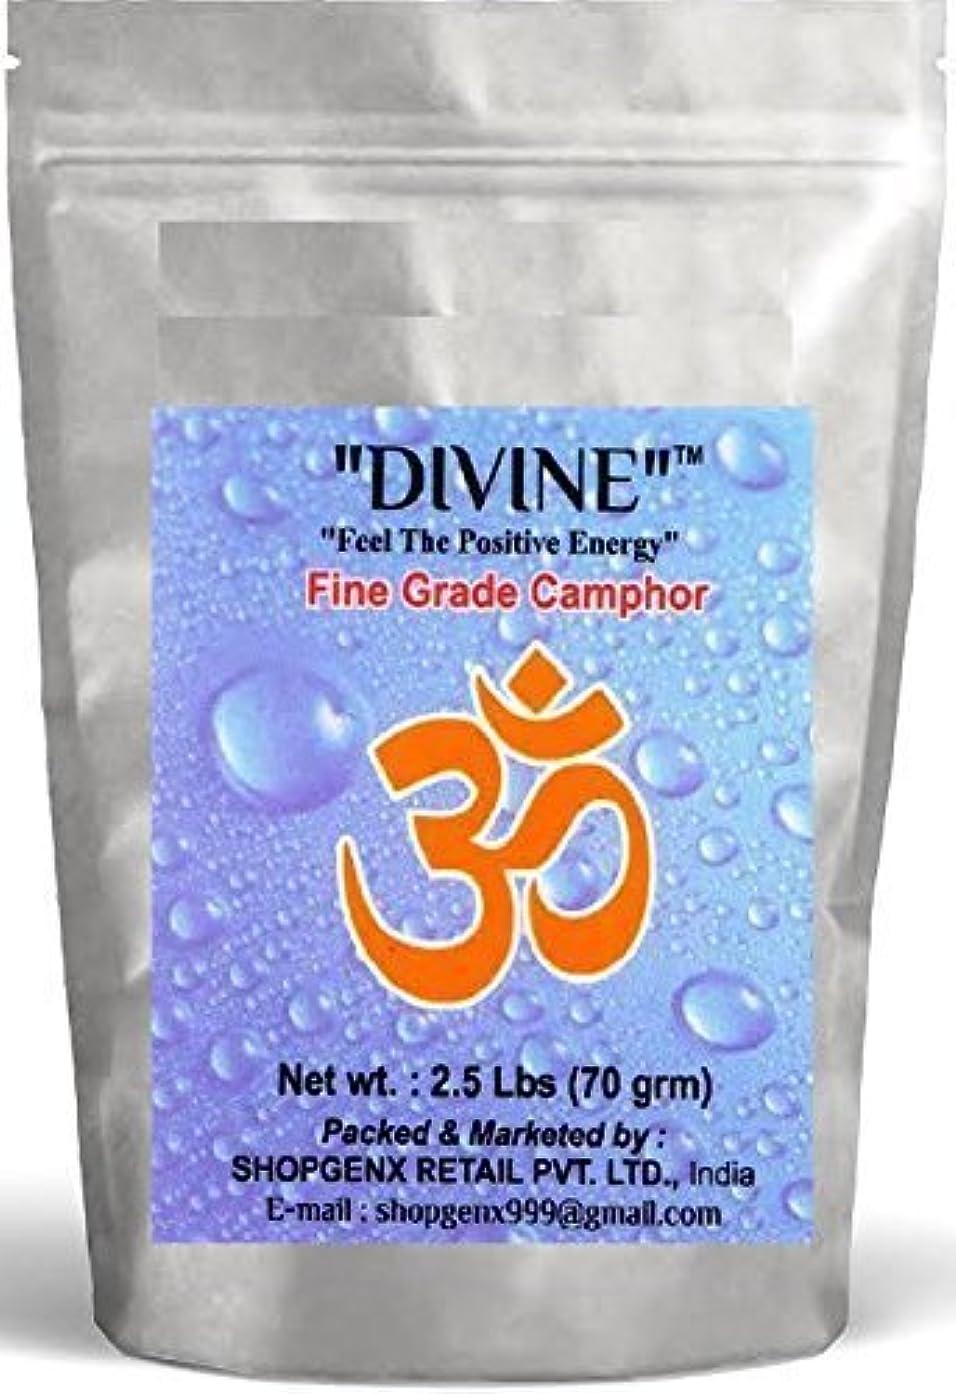 接尾辞わかる災害Divine供養Pure 70 g Refined Camphor Flakes for Holy Spiritual Hindu供養Ganpati & Diwali Rituals